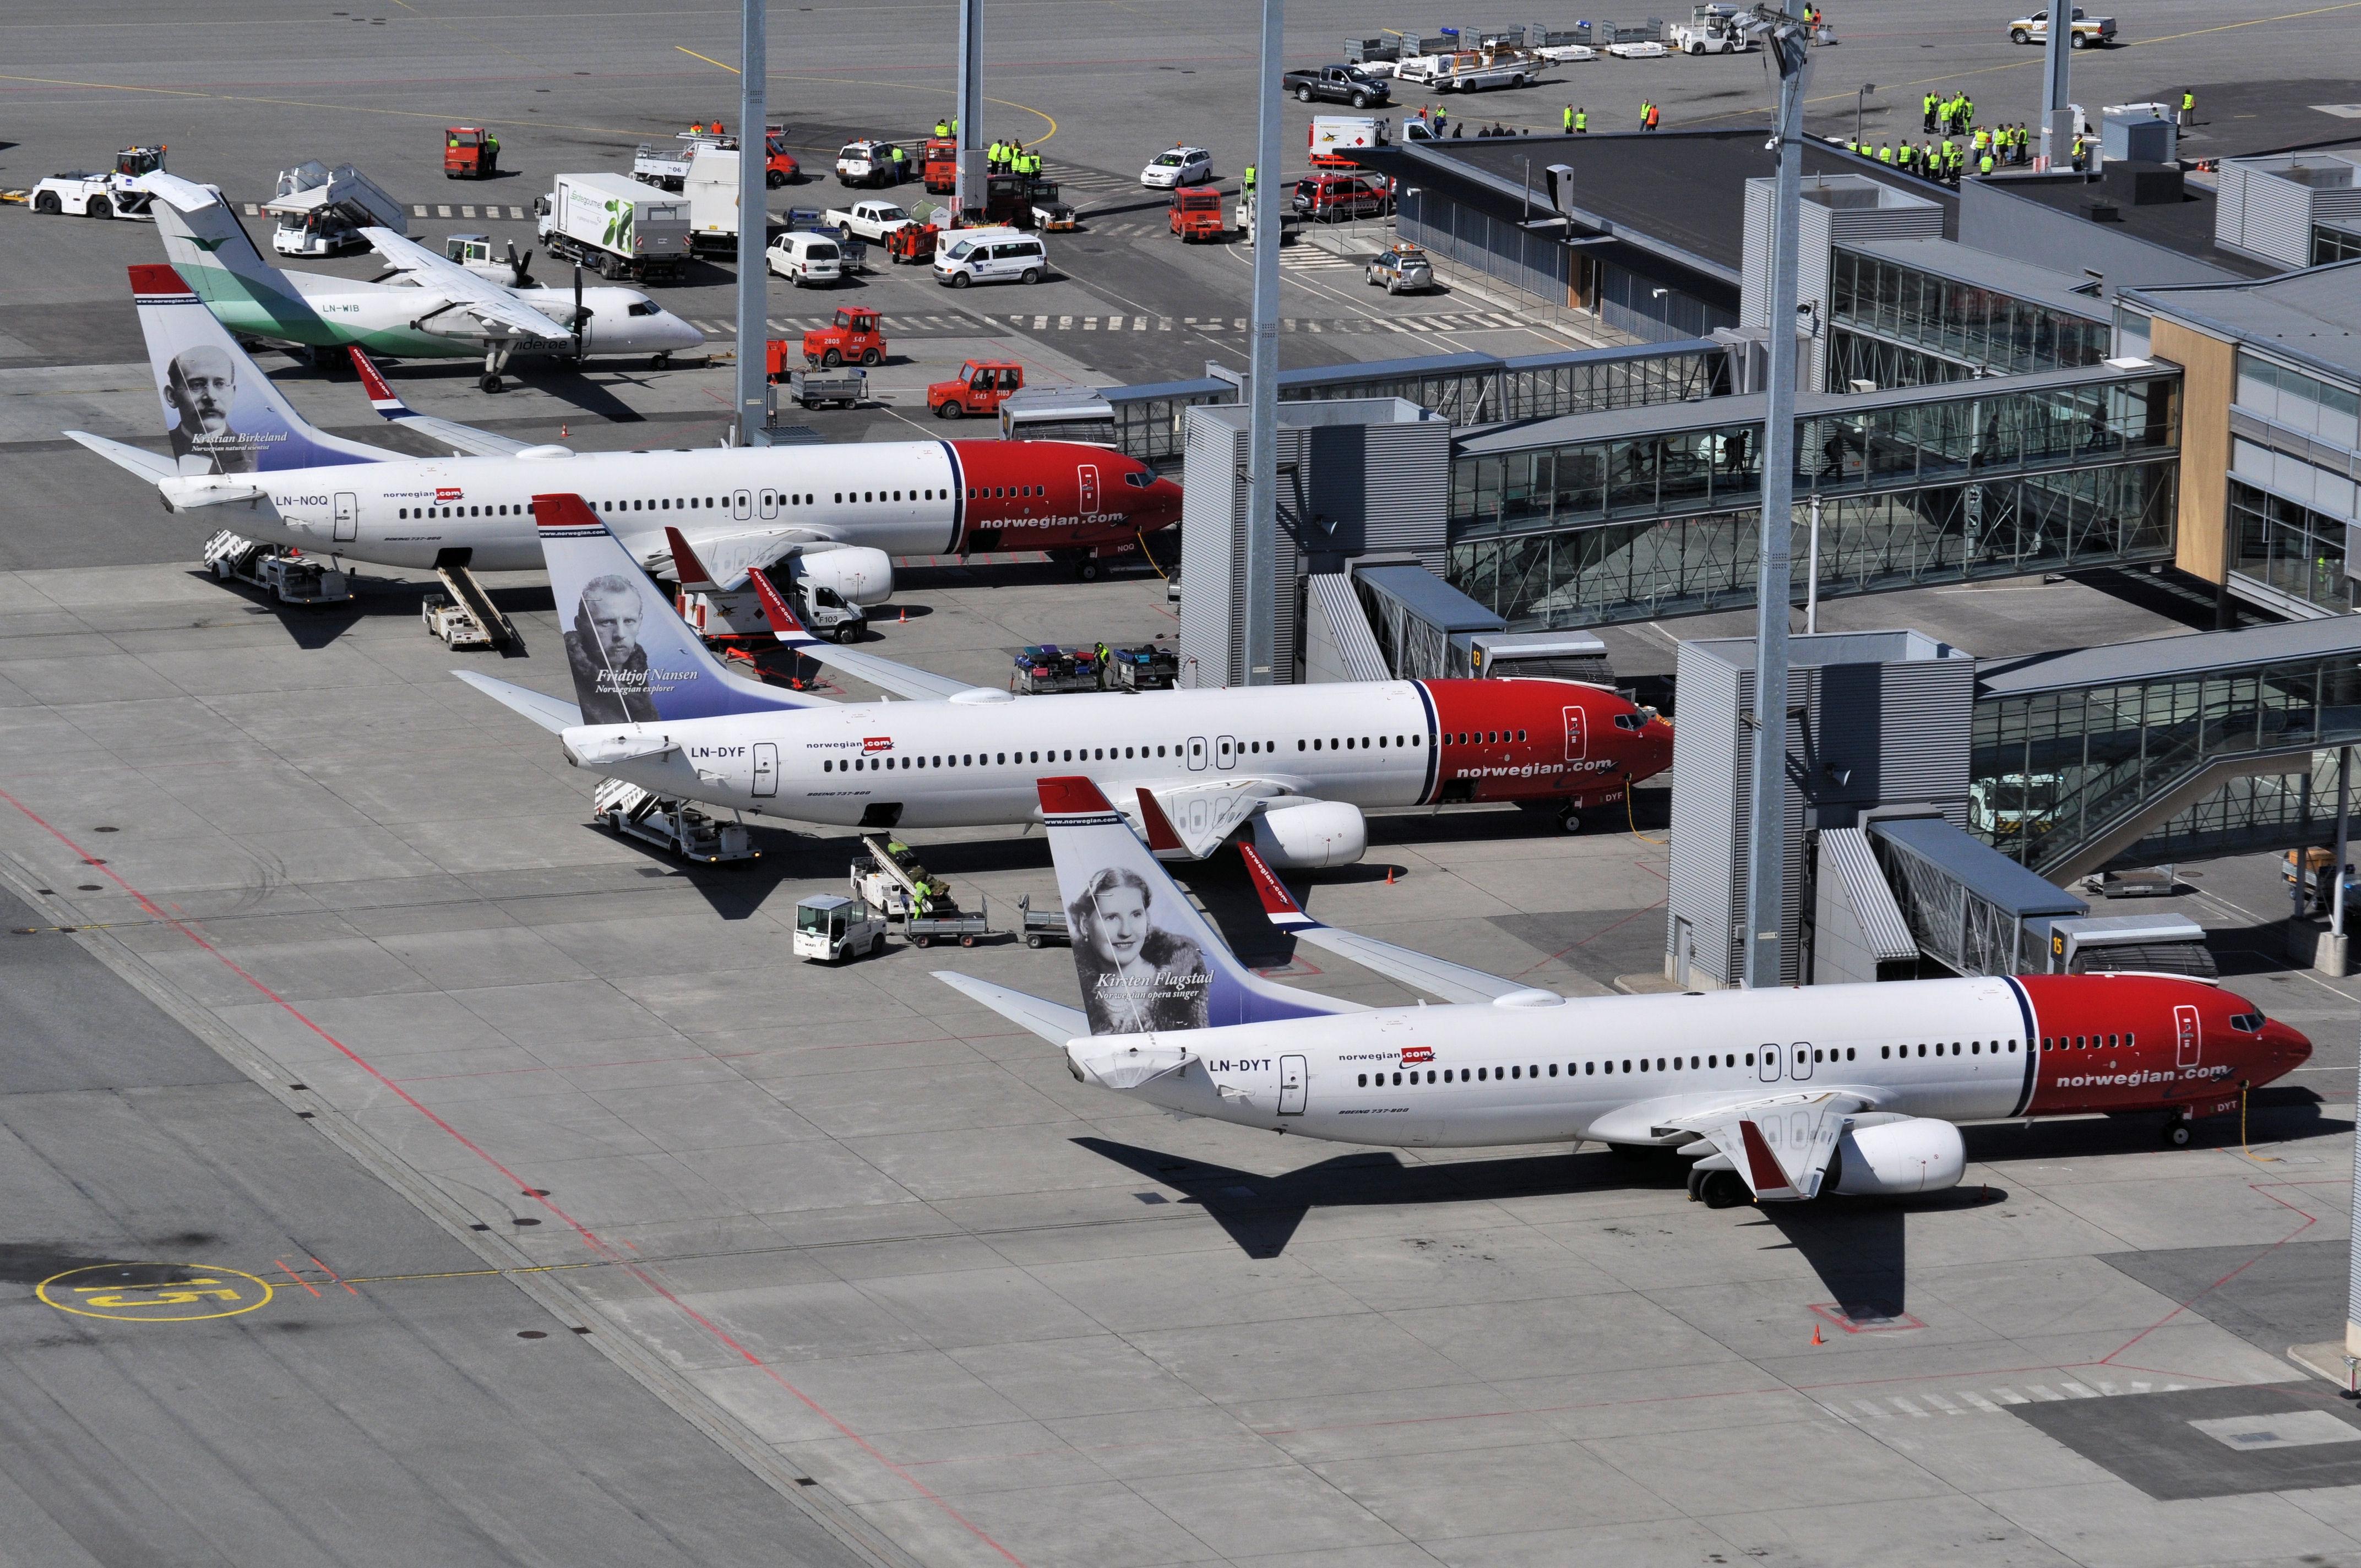 Boeing 737-800 fra Norwegian i Oslo Lufthavn. (Foto: Kristin S. Lillerud)